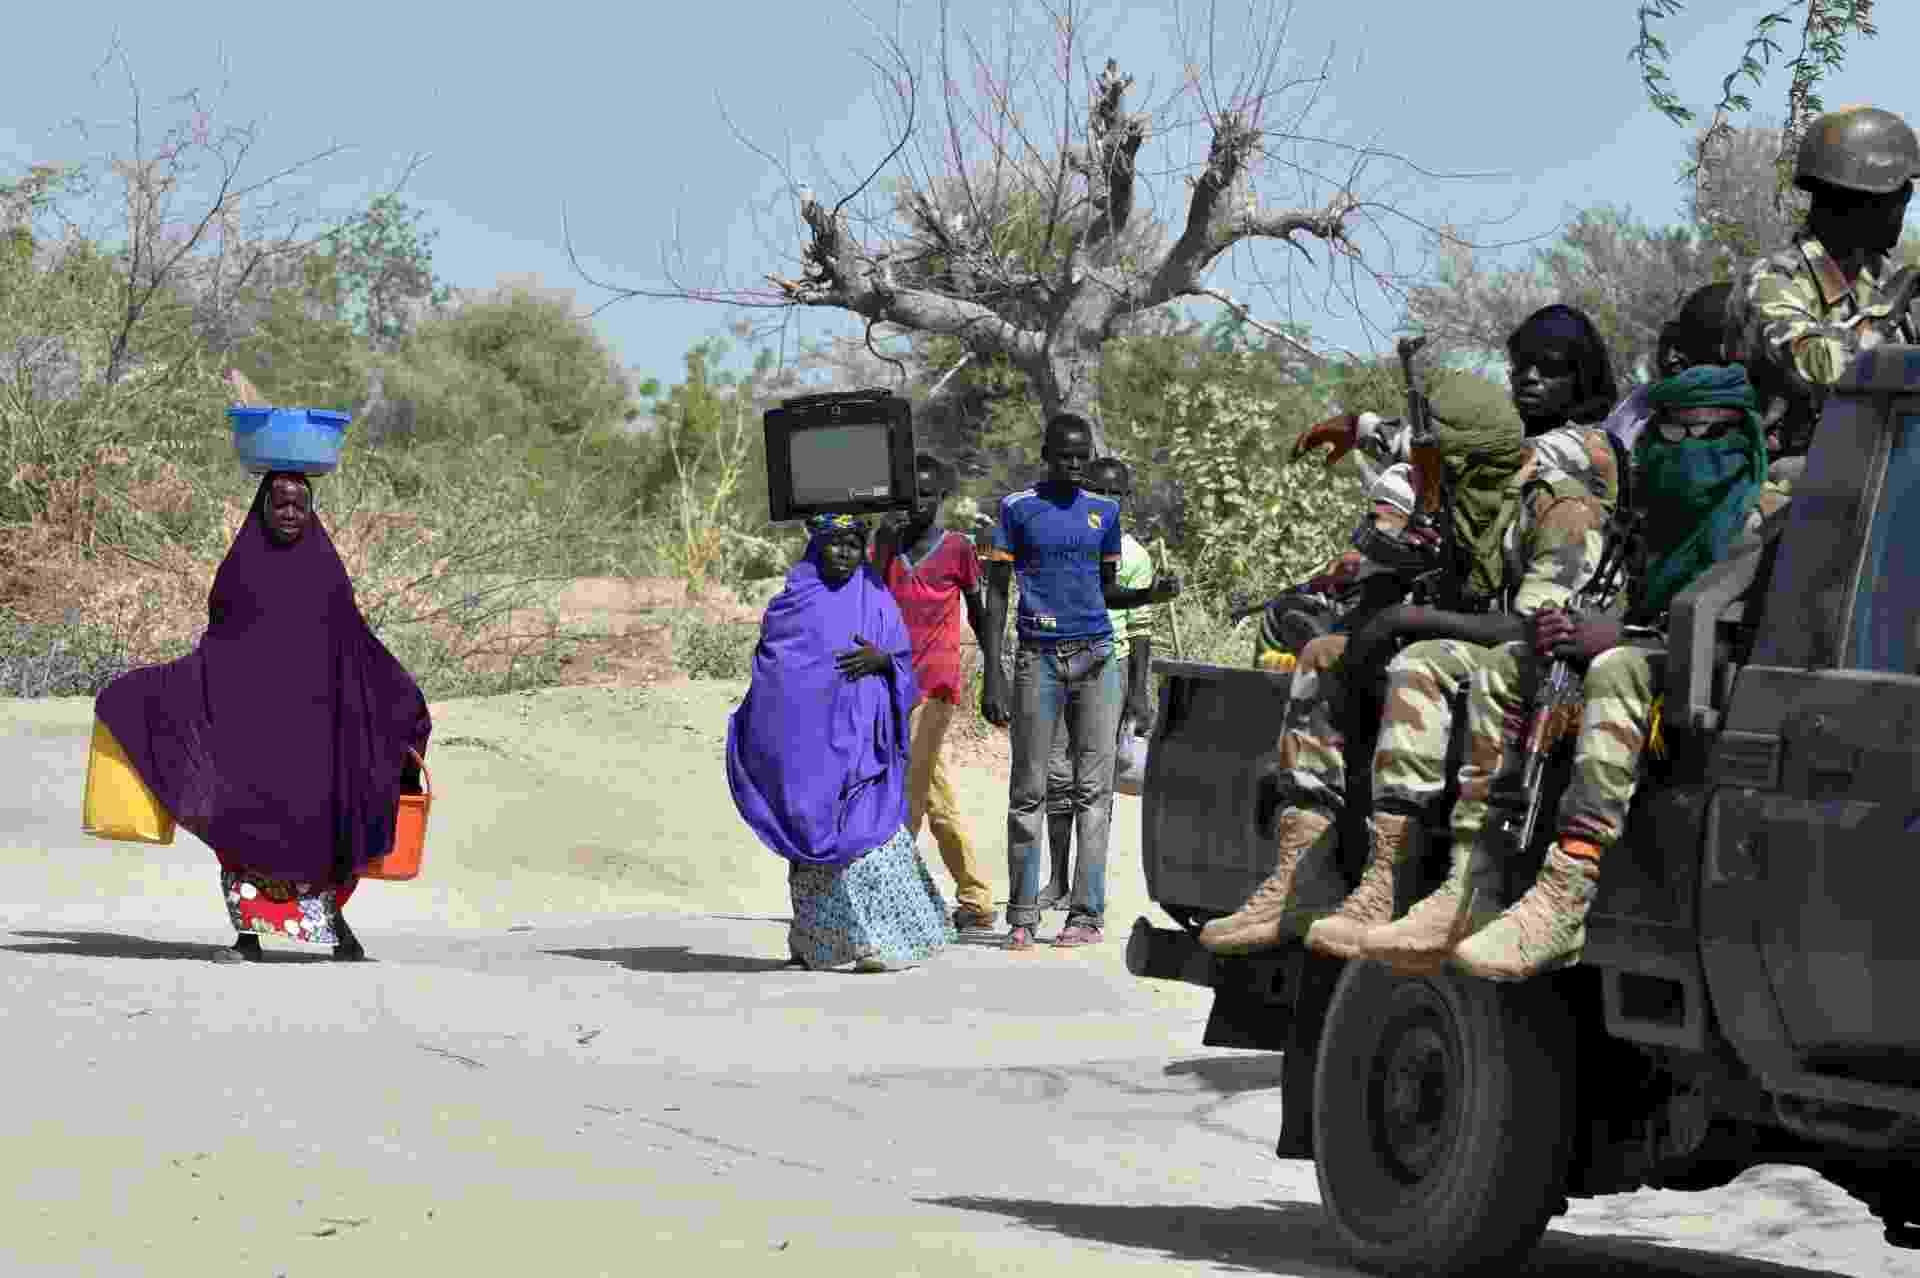 25.mai.2015 - Nigerianos da cidade de Malam Fatori e de povoados vizinhos, próximos à fronteira entre Níger e Chade, estão abandonando suas casas devido aos ataques do grupo Boko Haram. Os habitantes estão buscando refúgio em Bosso, cidade que conta com a presença de tropas de Níger e Chade. O grupo Boko Haram, que pretende criar um estado islâmico no nordeste da Nigéria, perdeu alguns territórios e cidades que haviam sido capturadas desde que uma ofensiva lançada em fevereiro pelas forças armadas da Nigéria, com apoio do Níger, Chade e Camarões, forçou os radicais islamitas a abandonar essas áreas - Issouf Sanogo/AFP